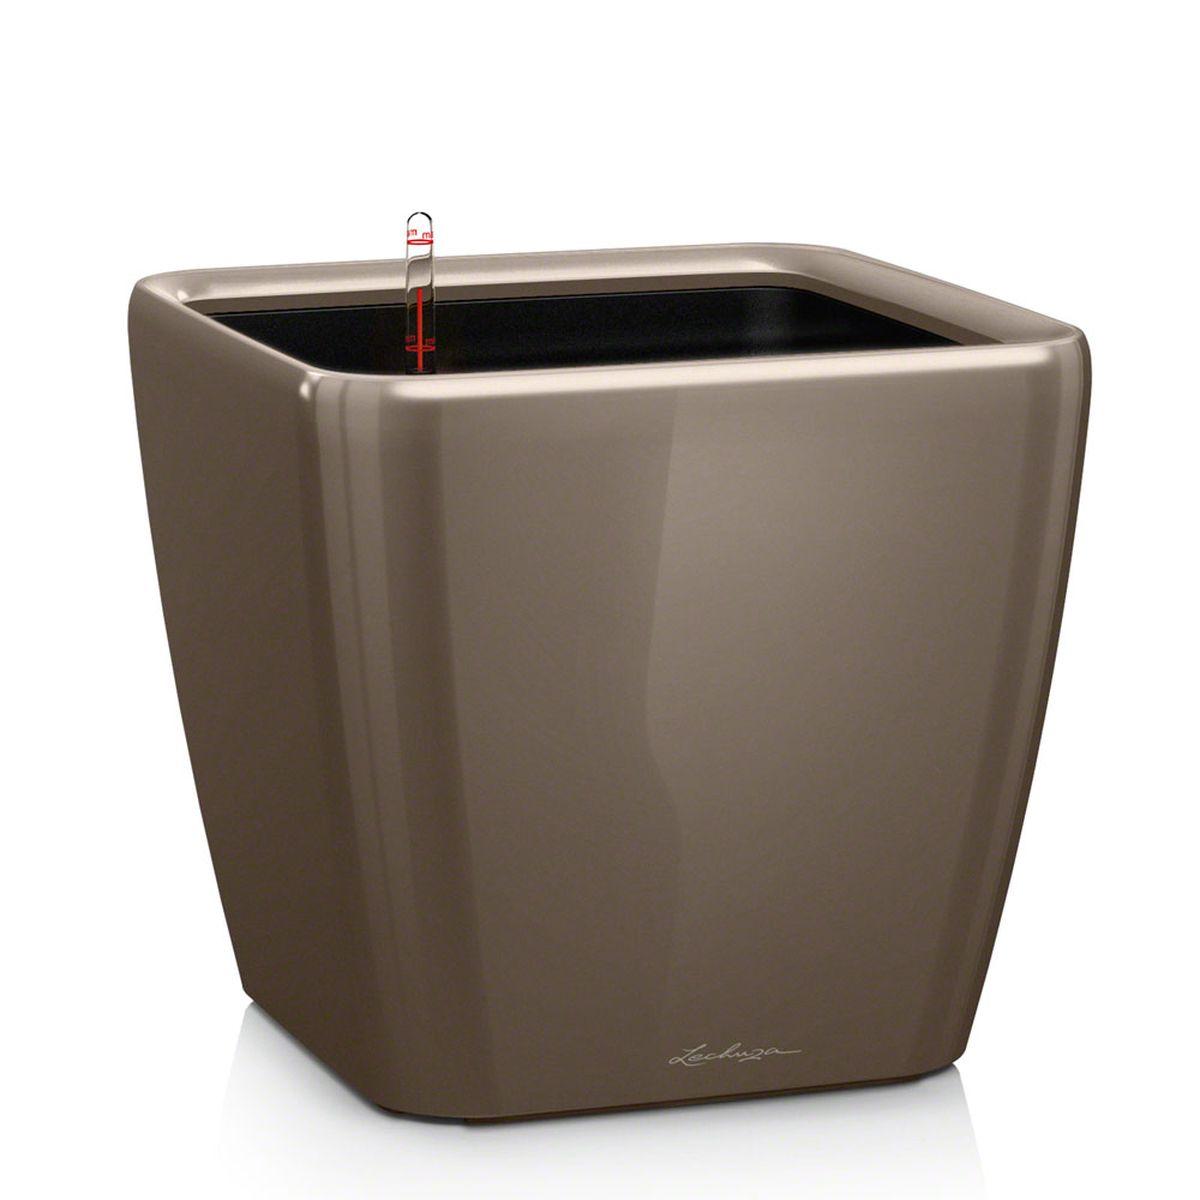 Кашпо Lechuza Quadro, с системой автополива, цвет: серо-коричневый, 21 х 21 х 20 см13244Кашпо Lechuza Quadro, выполненное извысококачественного пластика, имеет уникальную системуавтополива, благодаря которой корневая система растениянепрерывно снабжается влагой из резервуара. Уровень водыв резервуаре контролируется с помощью специальногоиндикатора. В зависимости от размера кашпо и растенияводы хватает на 2-12 недель. Это способствует хорошему ростуцветов и предотвращает переувлажнение. В набор входит: кашпо, внутренний горшок с выдвижнойэргономичной ручкой, индикатор уровня воды, вал подачиводы, субстрат растений в качестве дренажного слоя,резервуар для воды. Кашпо Lechuza Quadro прекрасно впишется в любойинтерьер. Оно поможет расставить нужные акценты, а такжепридаст помещению вид, соответствующий вашимпредставлениям.